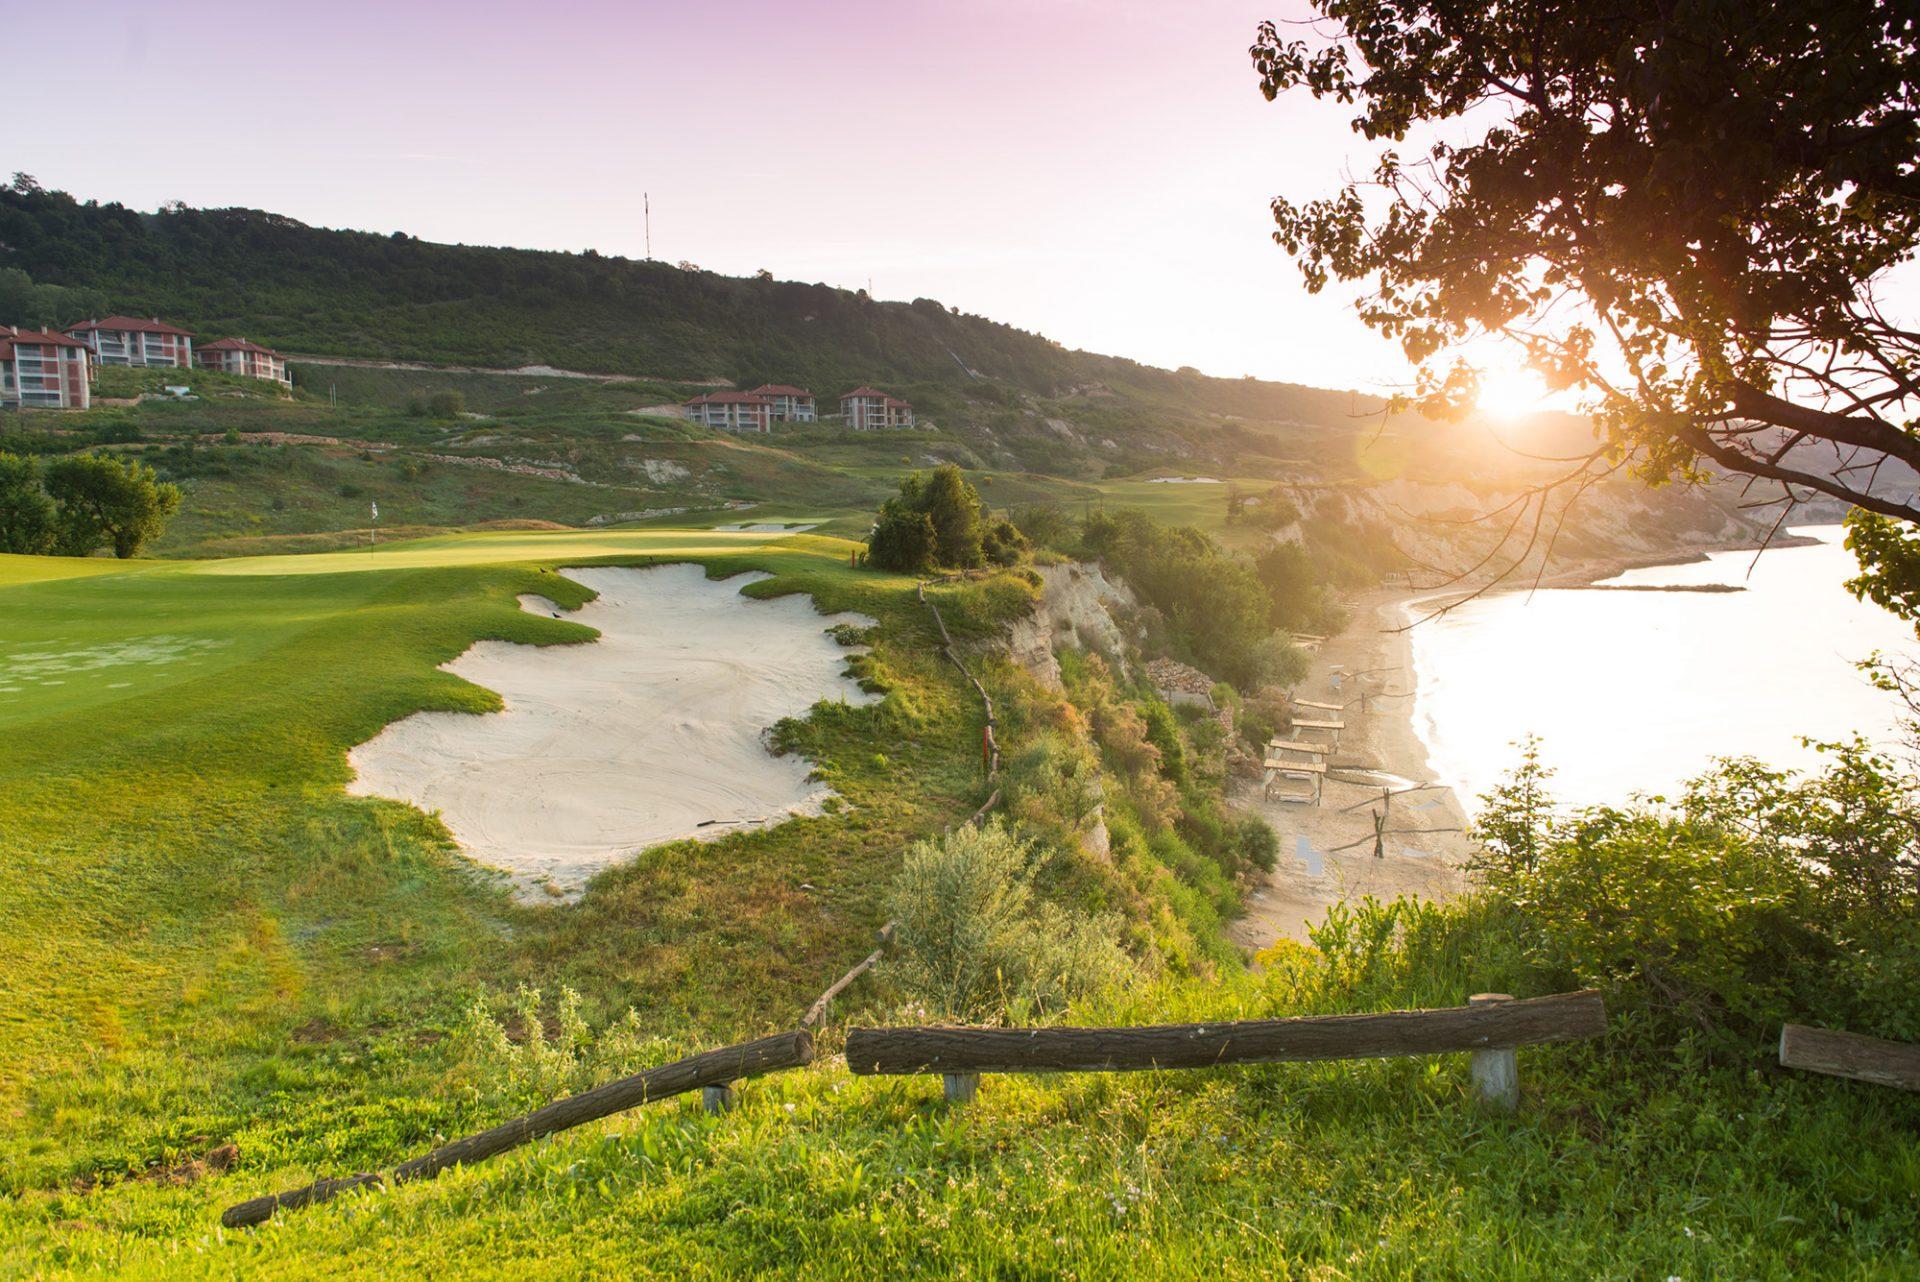 Golfreisen Kavarna - Thracian Cliffs Beach & Golf Resort. Bulgarien kann seit 2011 mit 3 neuen, spektakulären Golfanlagen an der Schwarzmeer Küste auftrumpfen. Das Reiseziel ist gut per Flug zu erreichen und nicht nur im Frühling und Herbst eine Reise wert. Golfer, die auf der Suche nach einem neuen Golf Highlight sind, werden hellauf begeistert sein.